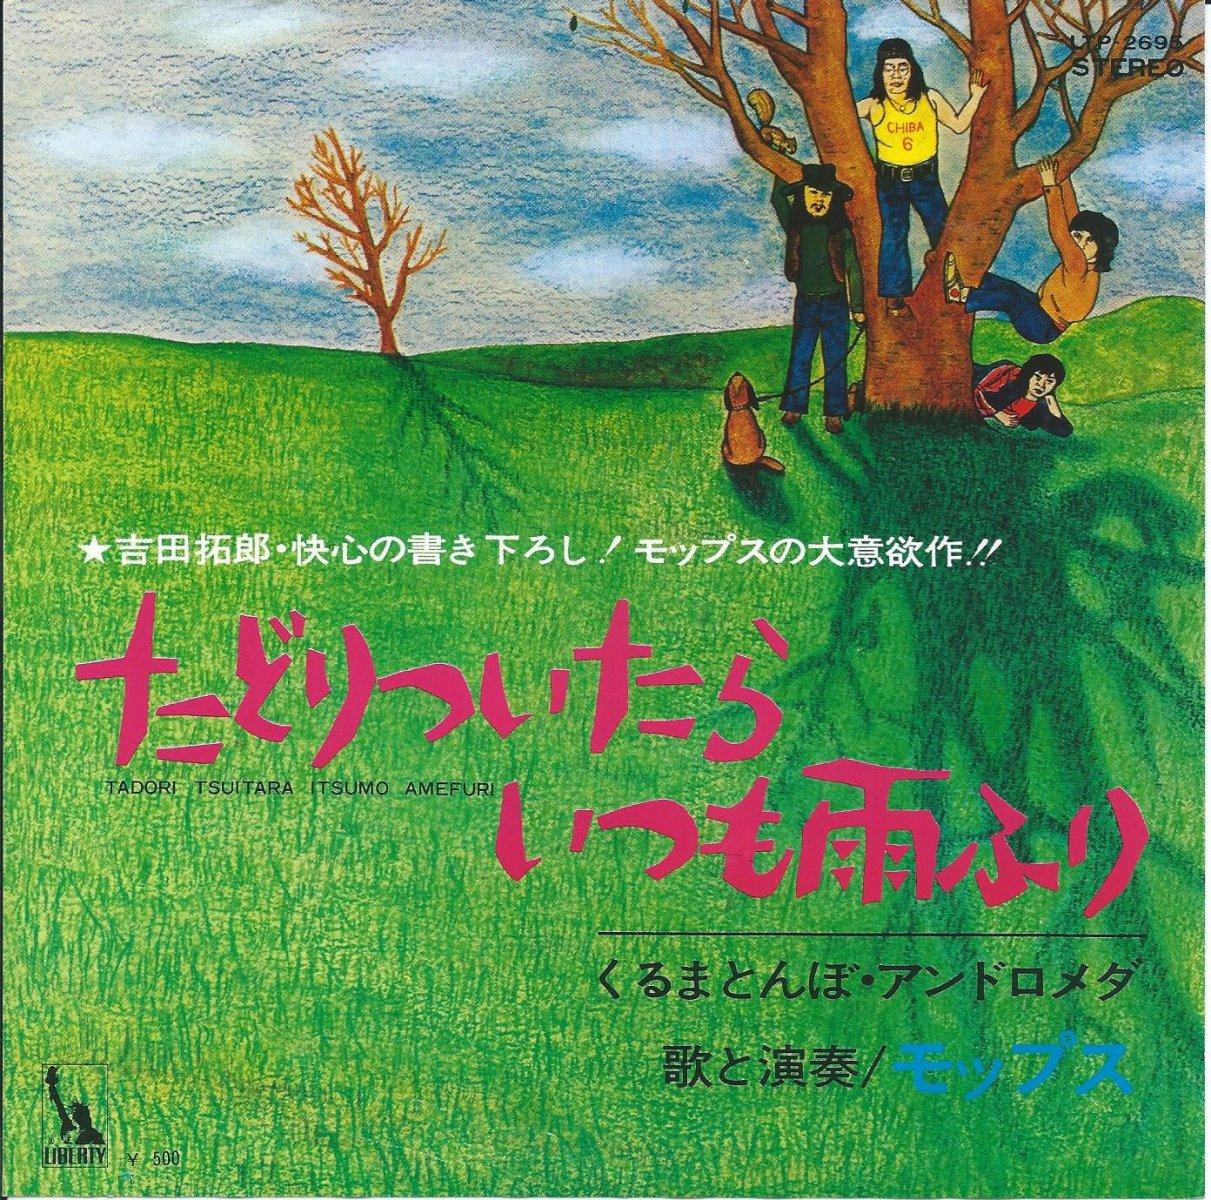 たどり着い たら いつも 雨降り 歌詞 たどり着いたらいつも雨降り-歌詞-吉田拓郎-KKBOX